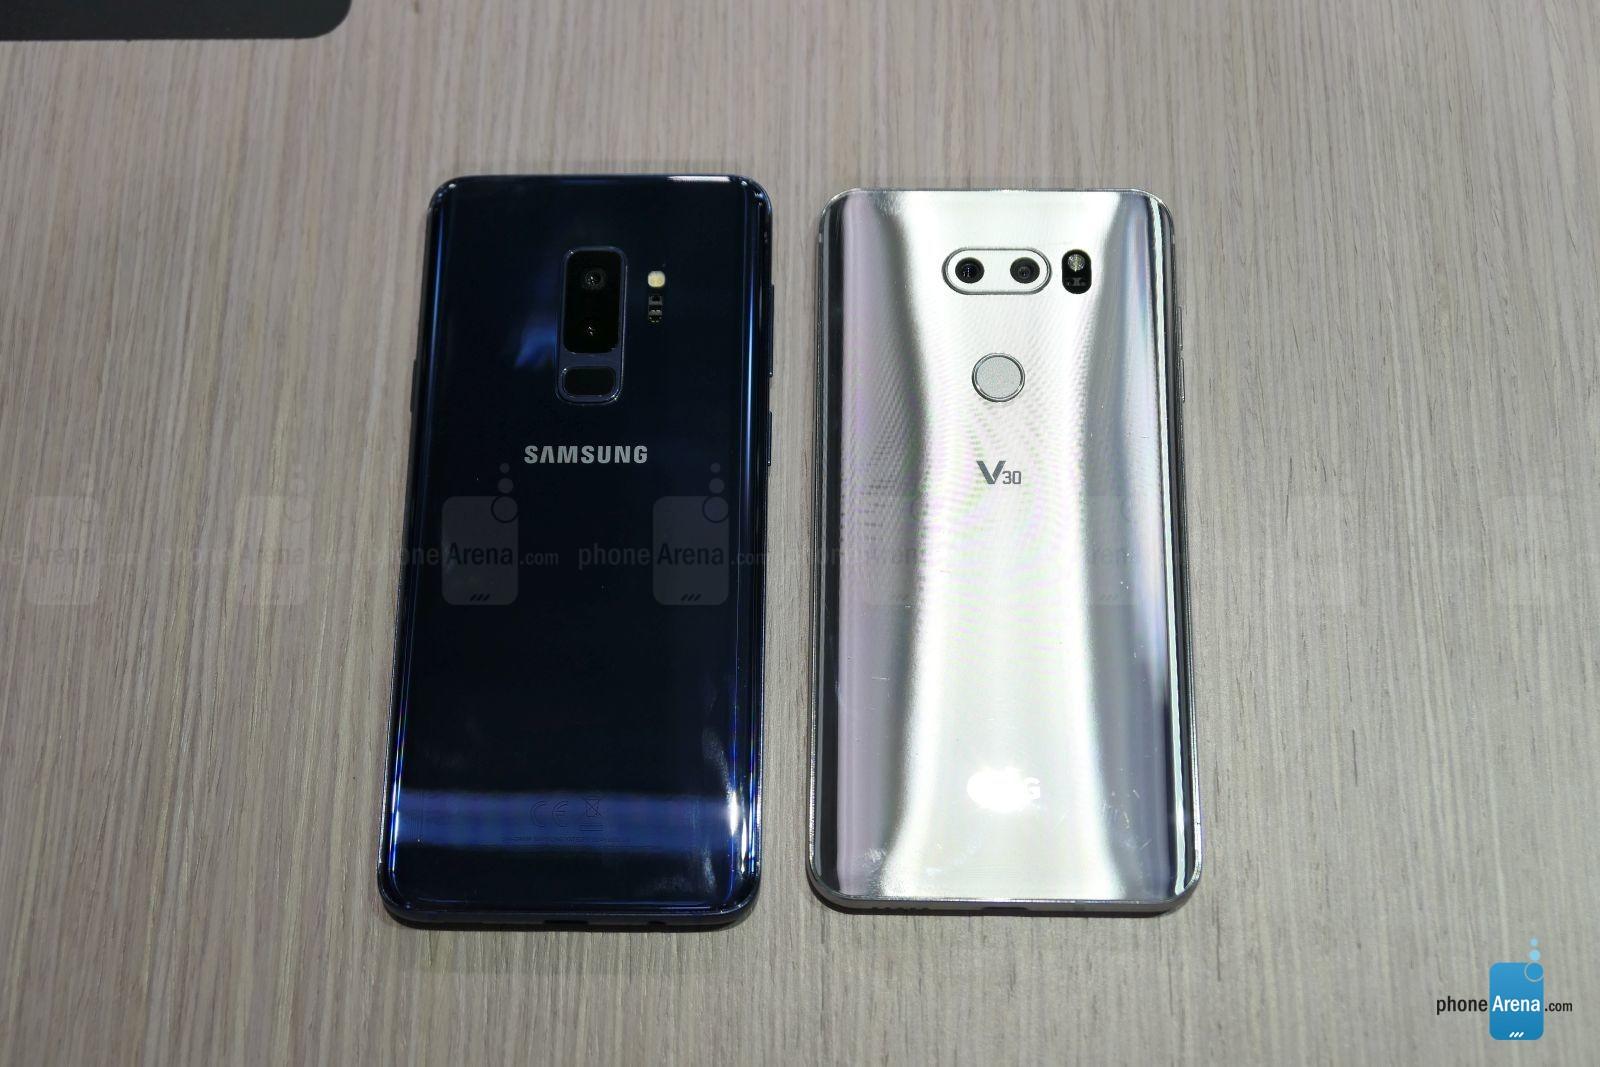 مقایسه گوشی های LG V30 و گلکسی اس 9 پلاس